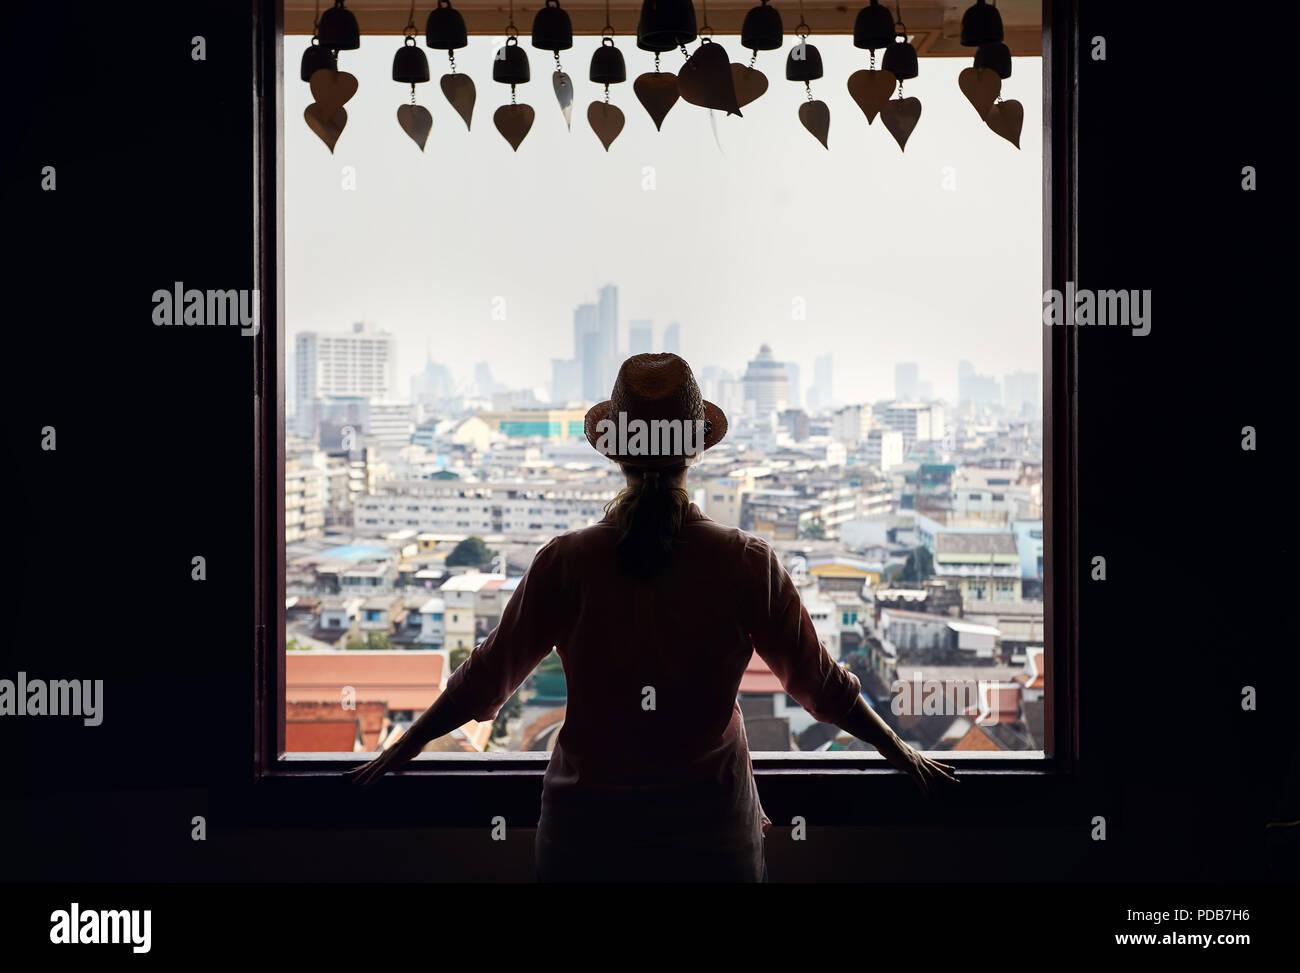 Silhouette d'femme à la fenêtre de vue sur la ville de Bangkok de gratte-ciel du quartier des affaires à partir de la montagne d'or à la Pagode Wat Saket couvert Photo Stock